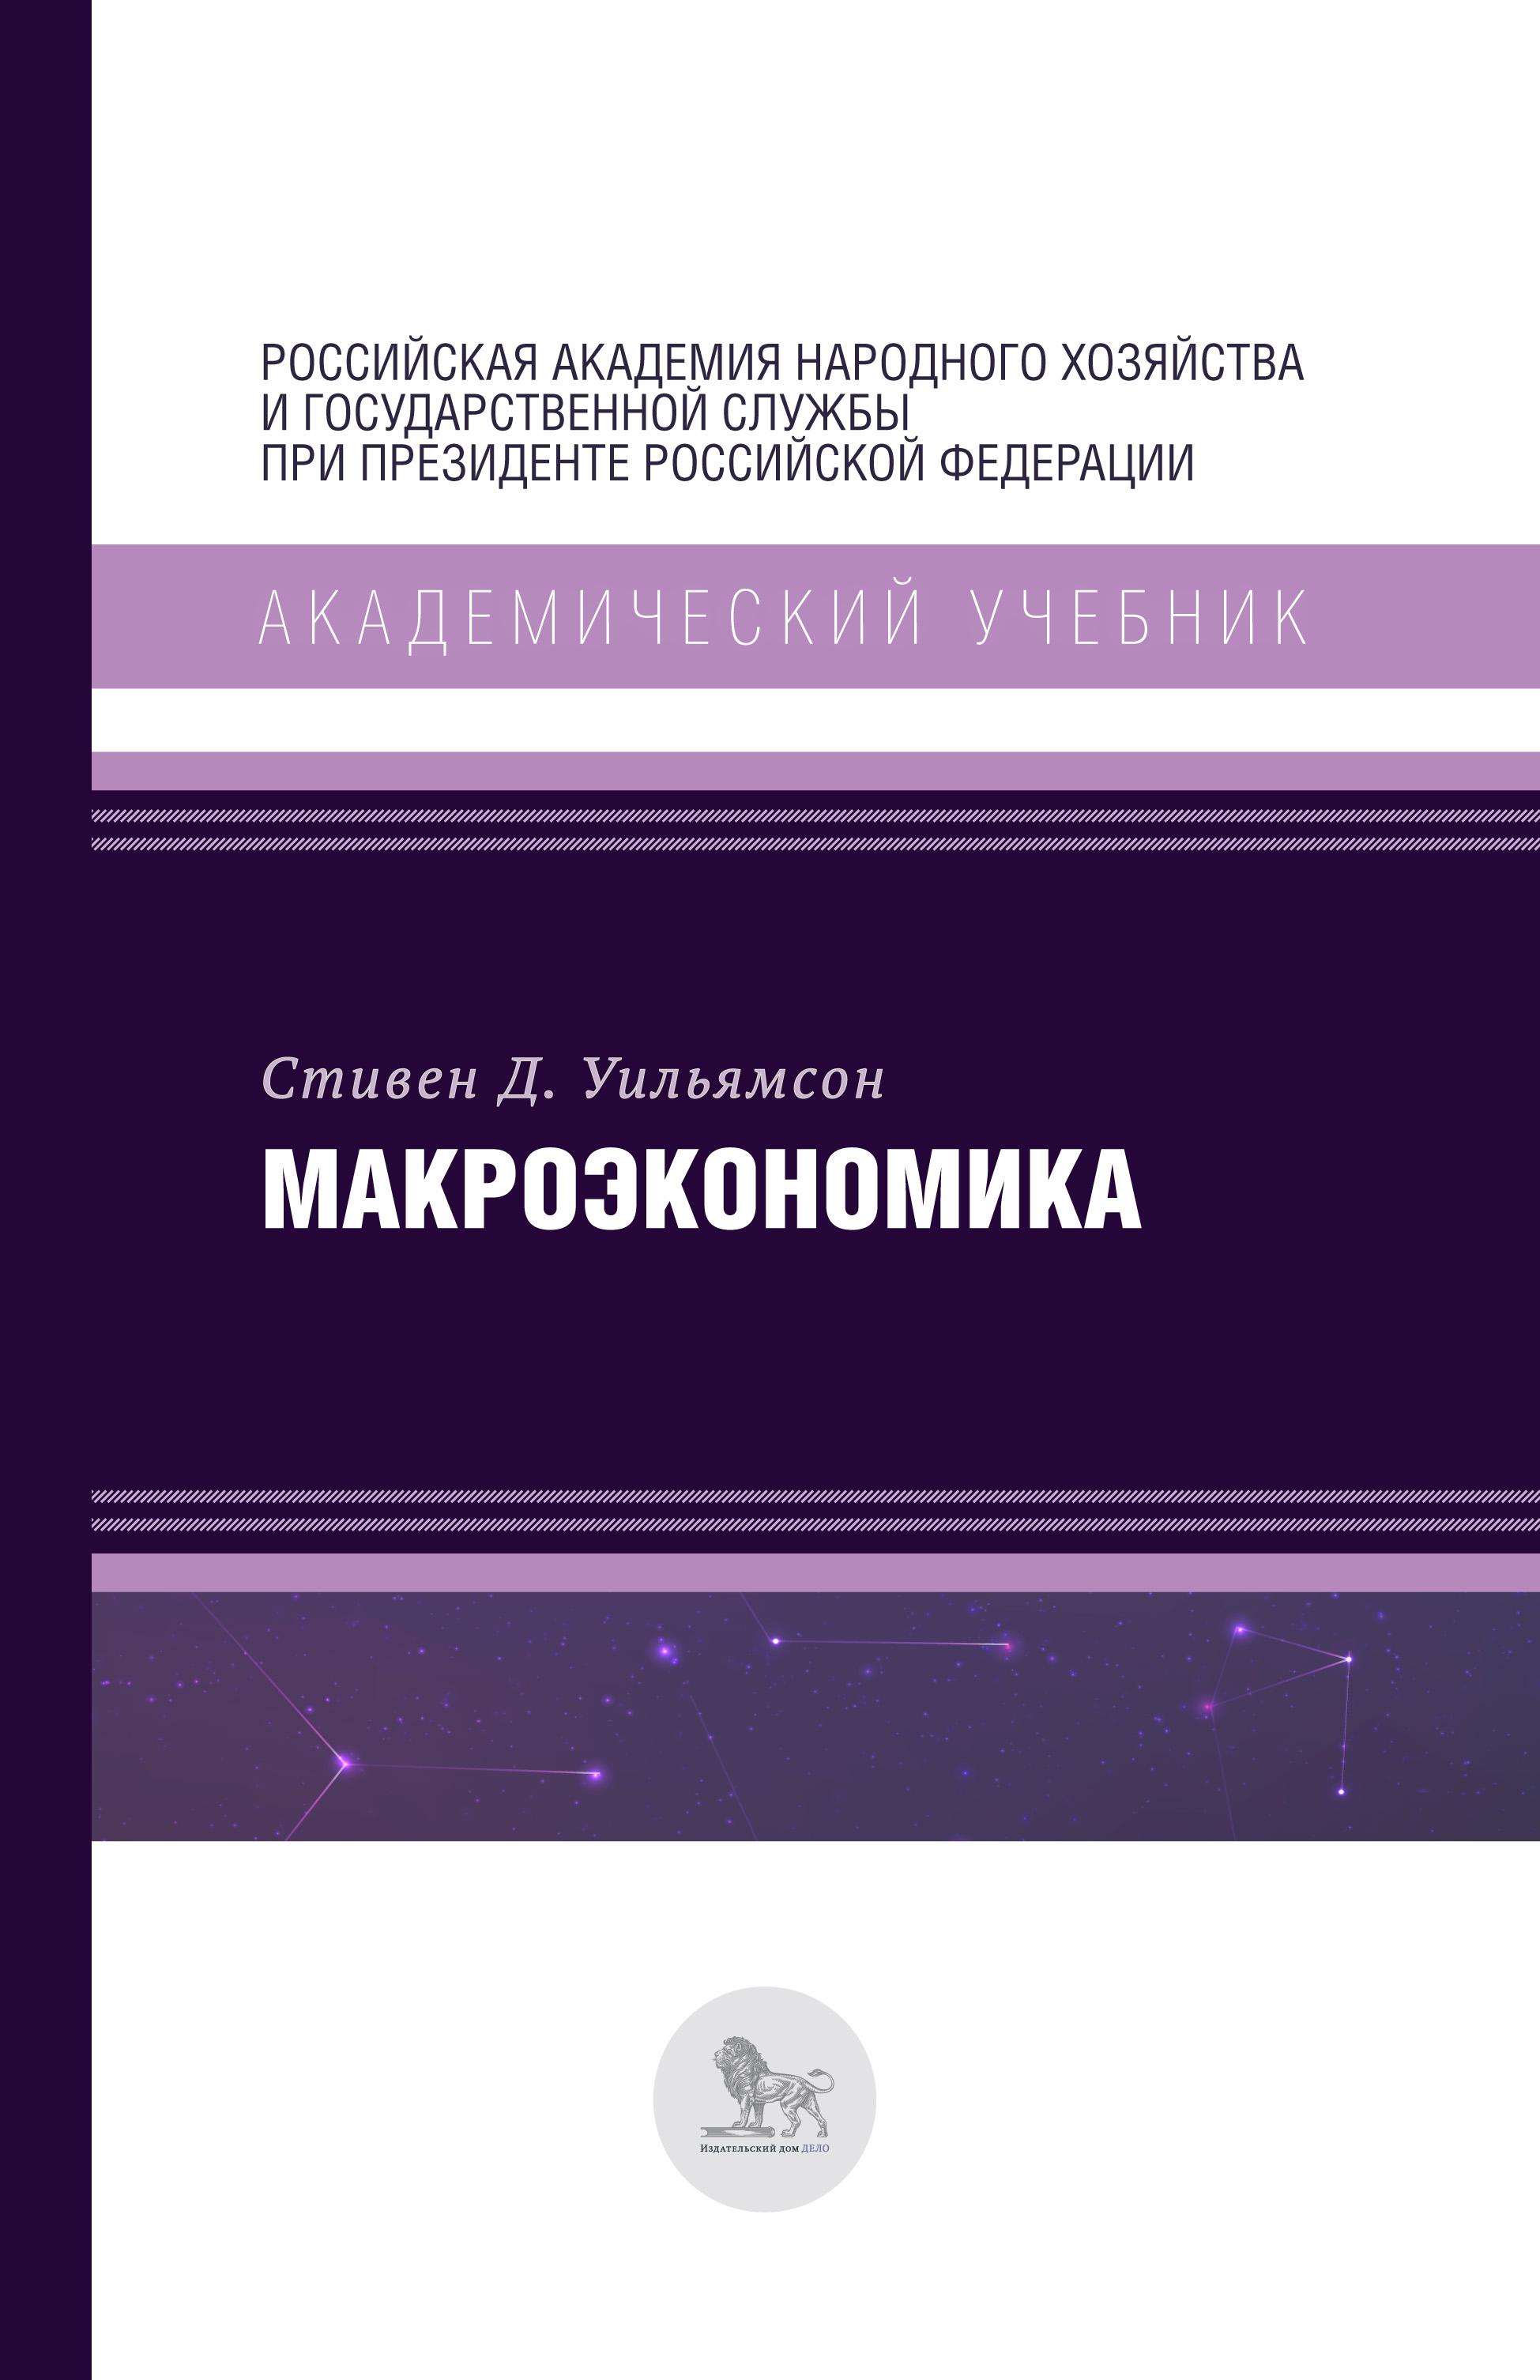 Стивен Д. Уильямсон Макроэкономика ромер д высшая макроэкономика учебник